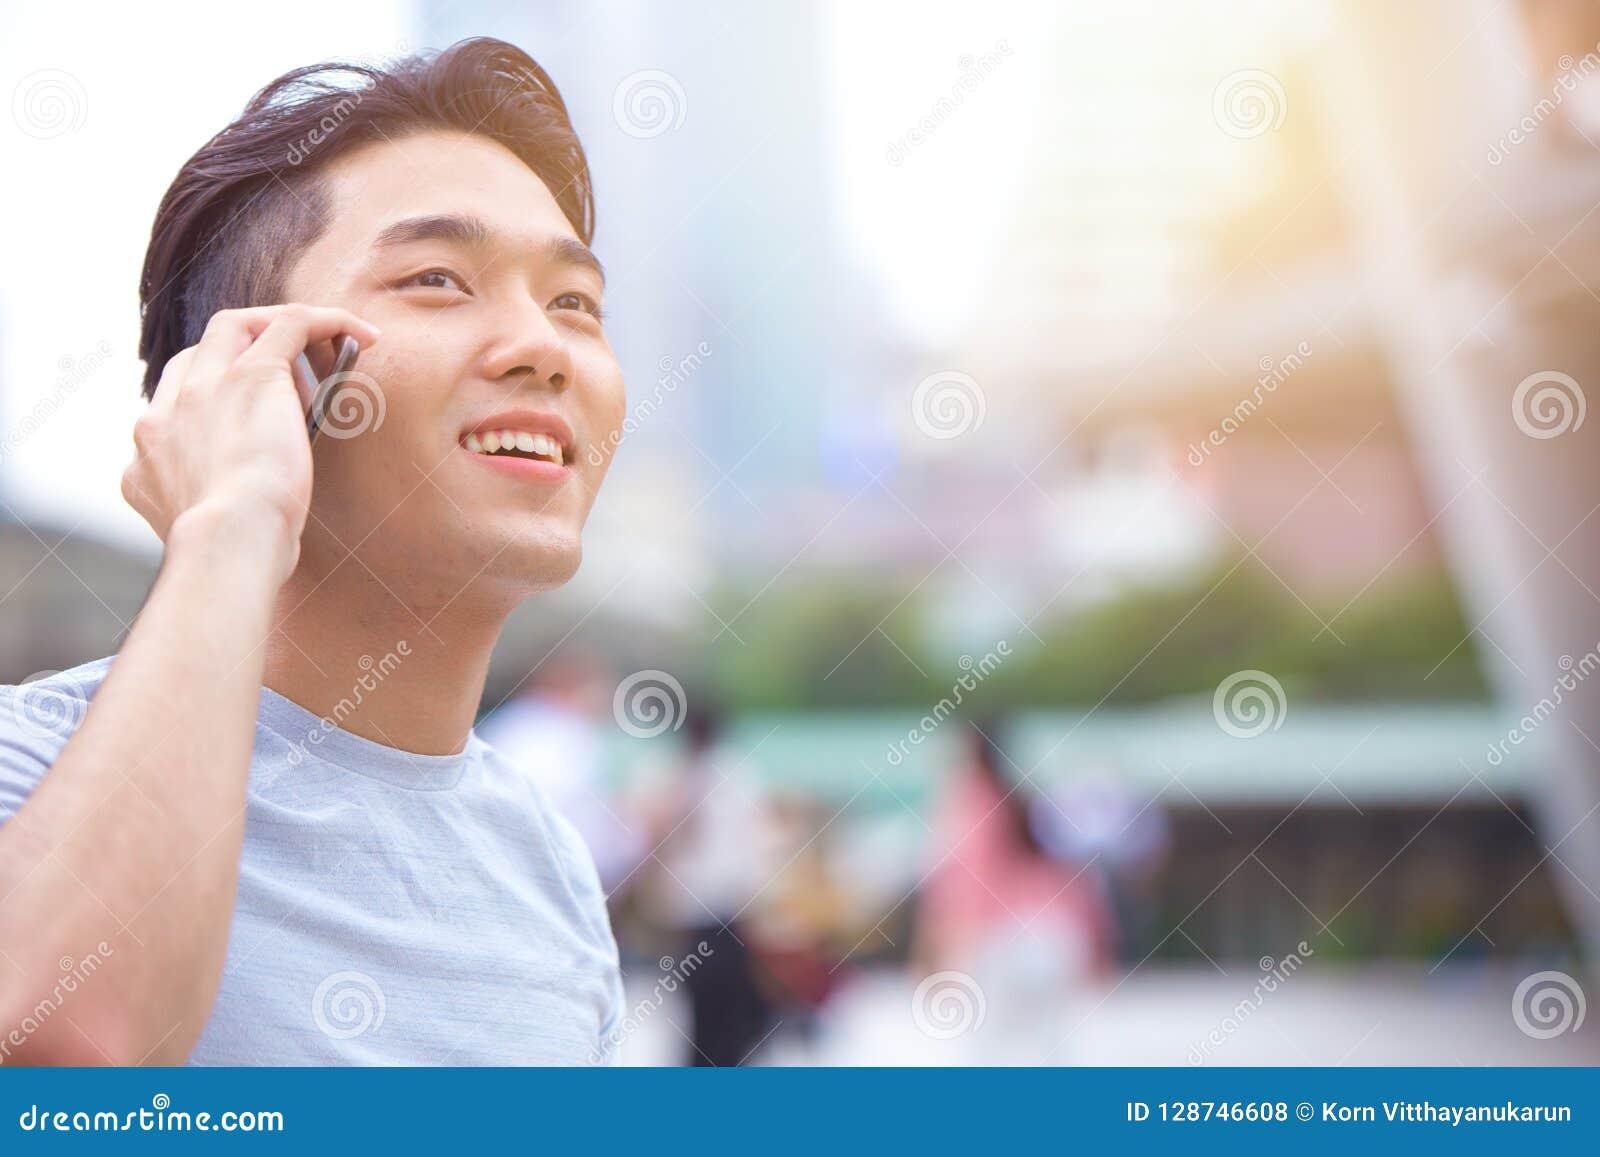 年轻聪明的亚洲男性青少年的叫的电话